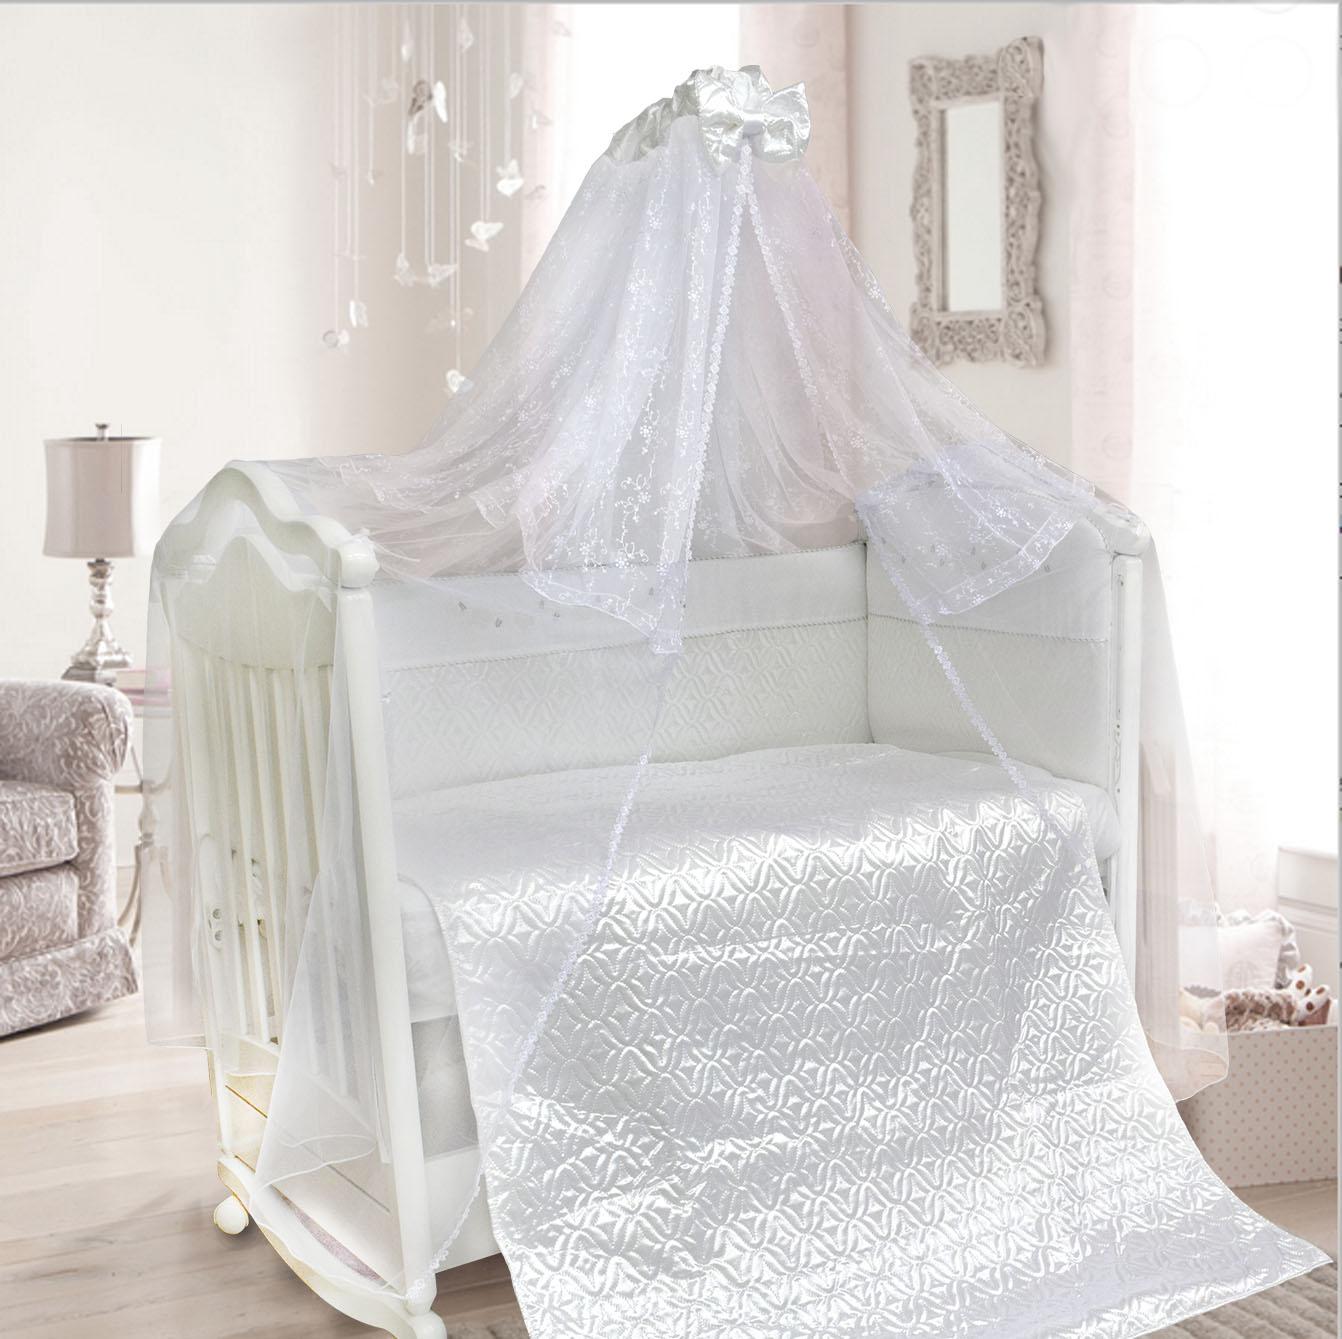 Комплект в кроватку - Мила, 6 предметов, белыйДетское постельное белье<br>Комплект в кроватку - Мила, 6 предметов, белый<br>